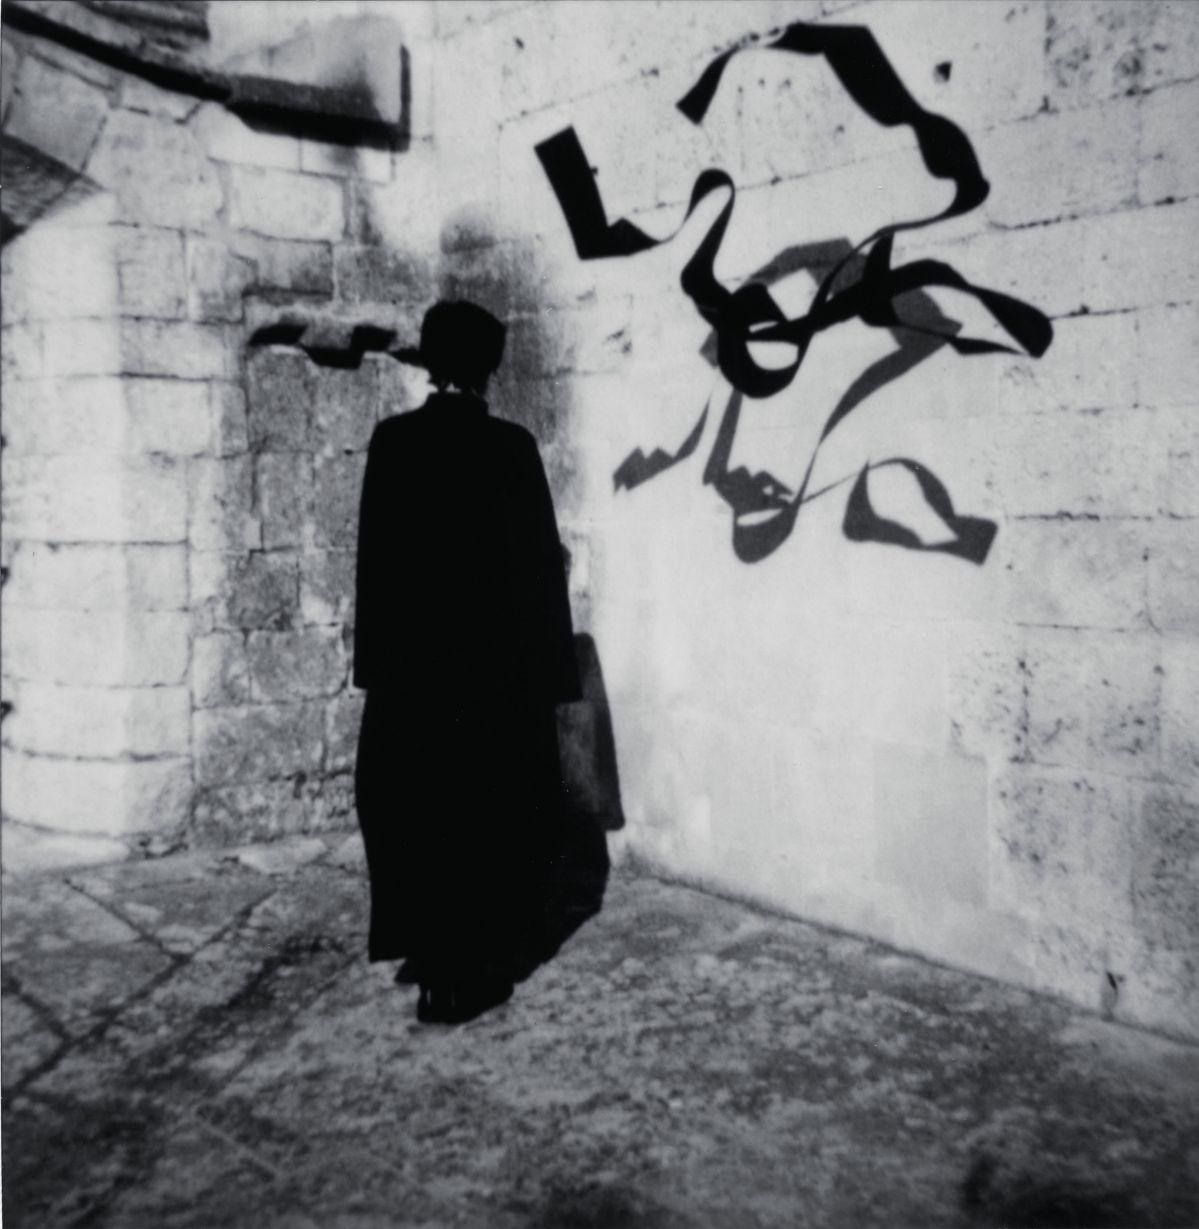 Corinne Mercadier - La Suite d'Arles (série). Cloître Saint-Trophime I Arles, 2003. Tirage sur papier baryté. 105 x 102,5 cm